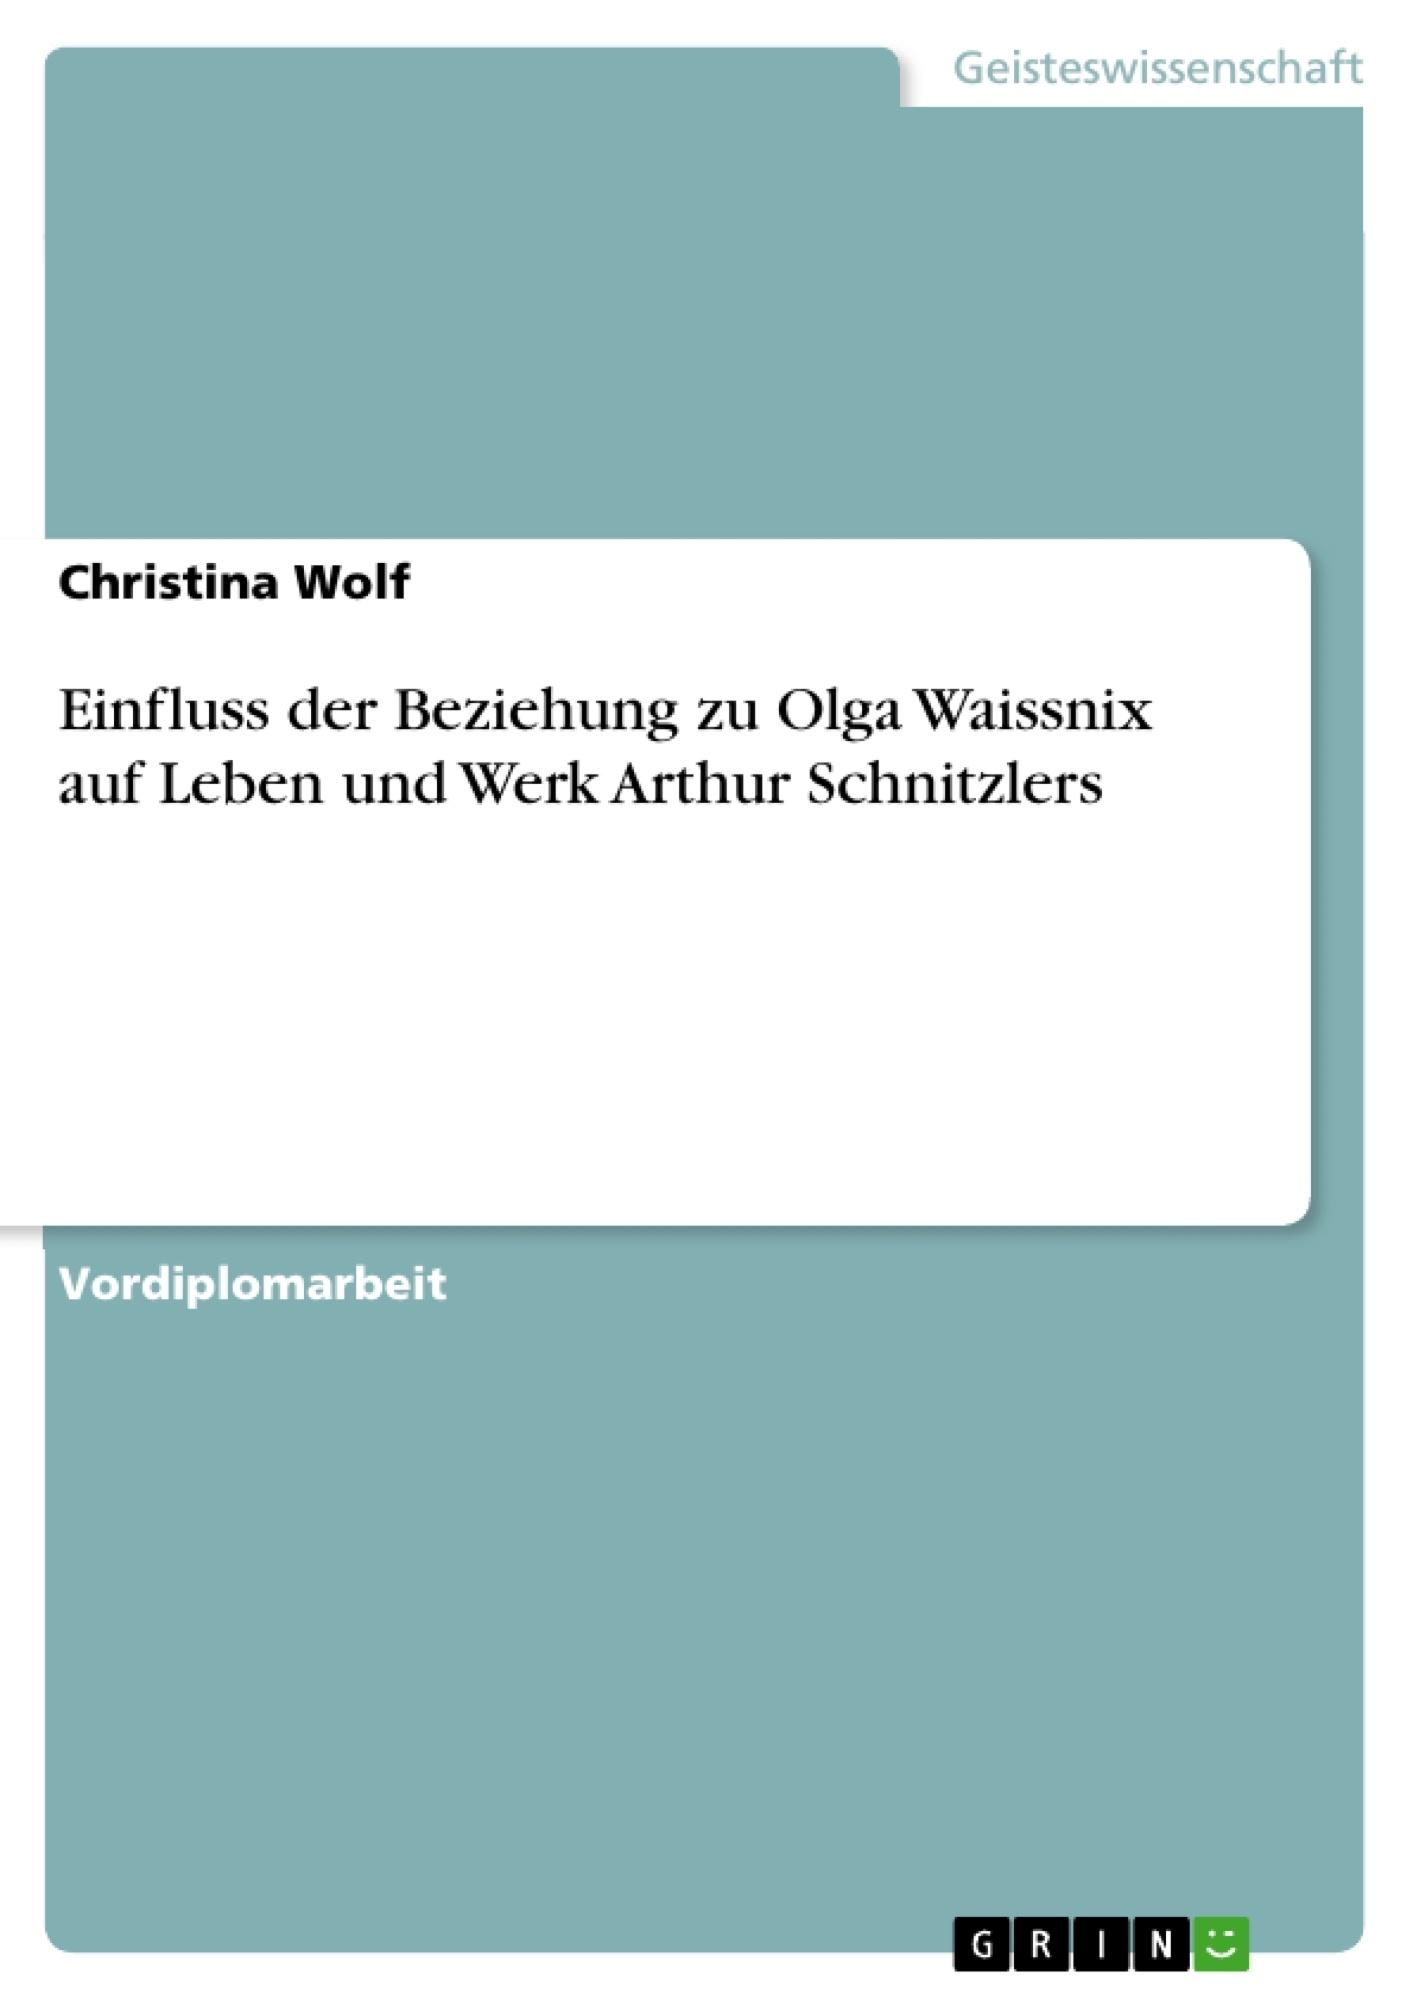 Titel: Einfluss der Beziehung zu Olga Waissnix auf Leben und Werk Arthur Schnitzlers